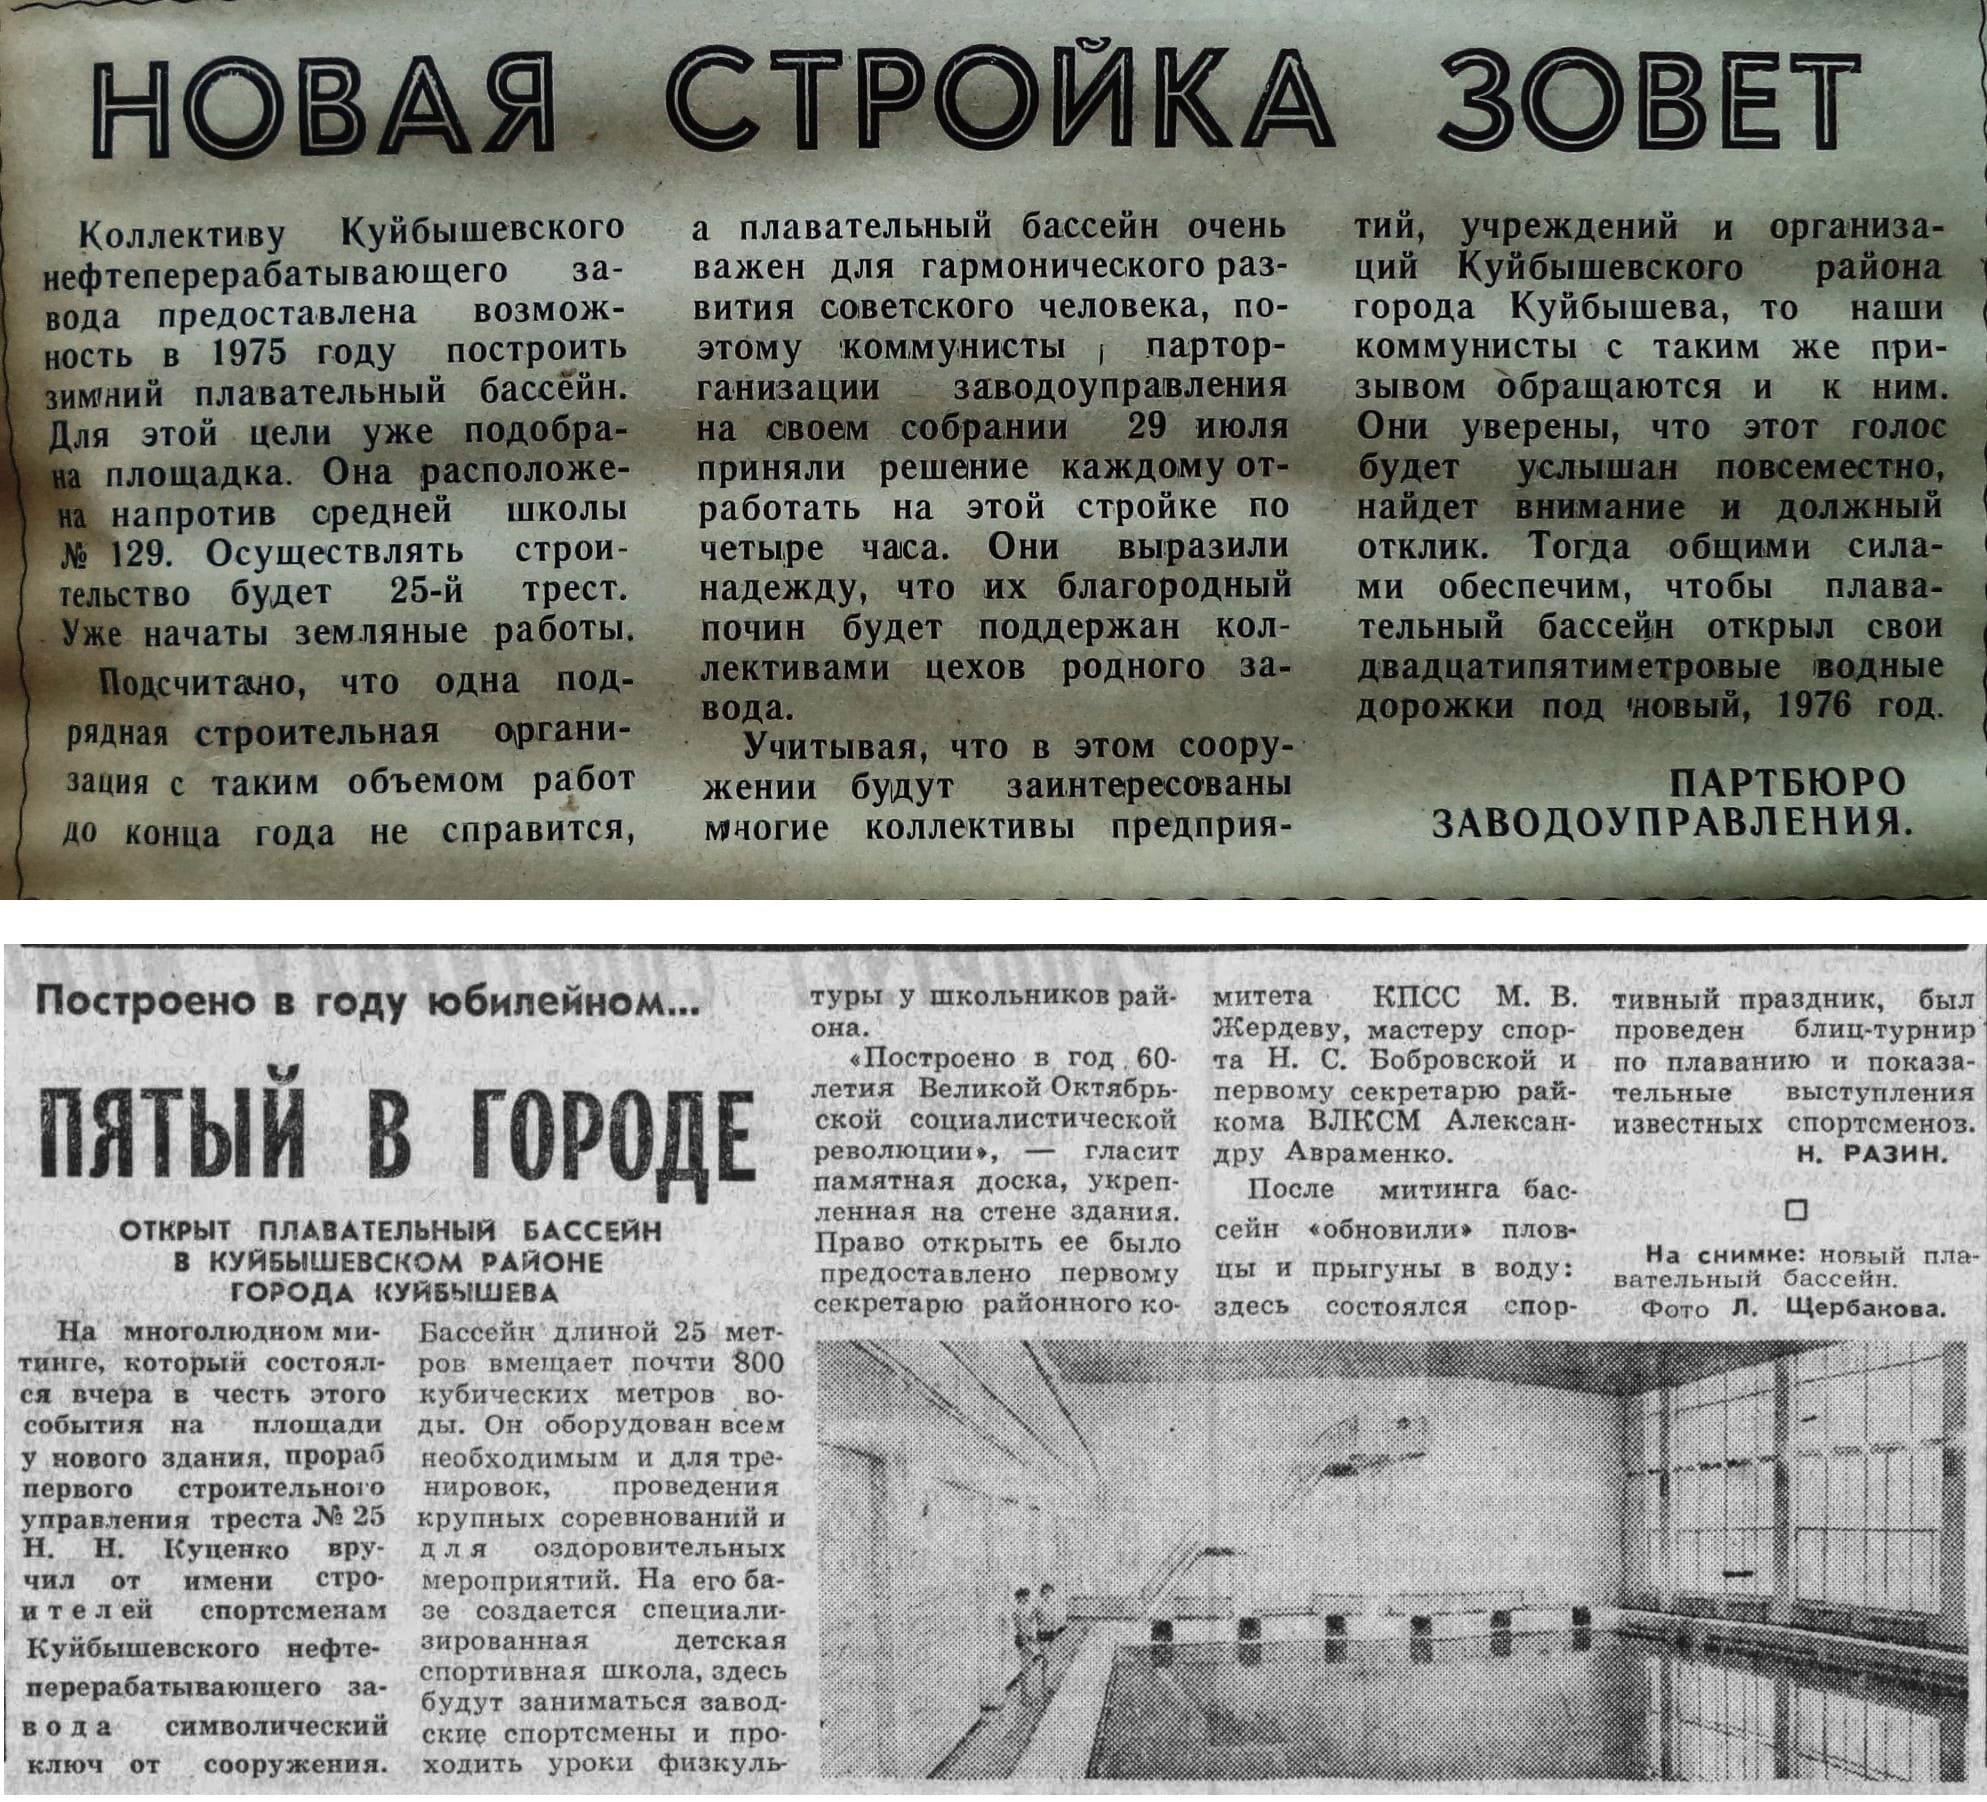 Фасадная-ФОТО-34-За Прогресс-1975-5 августа-min